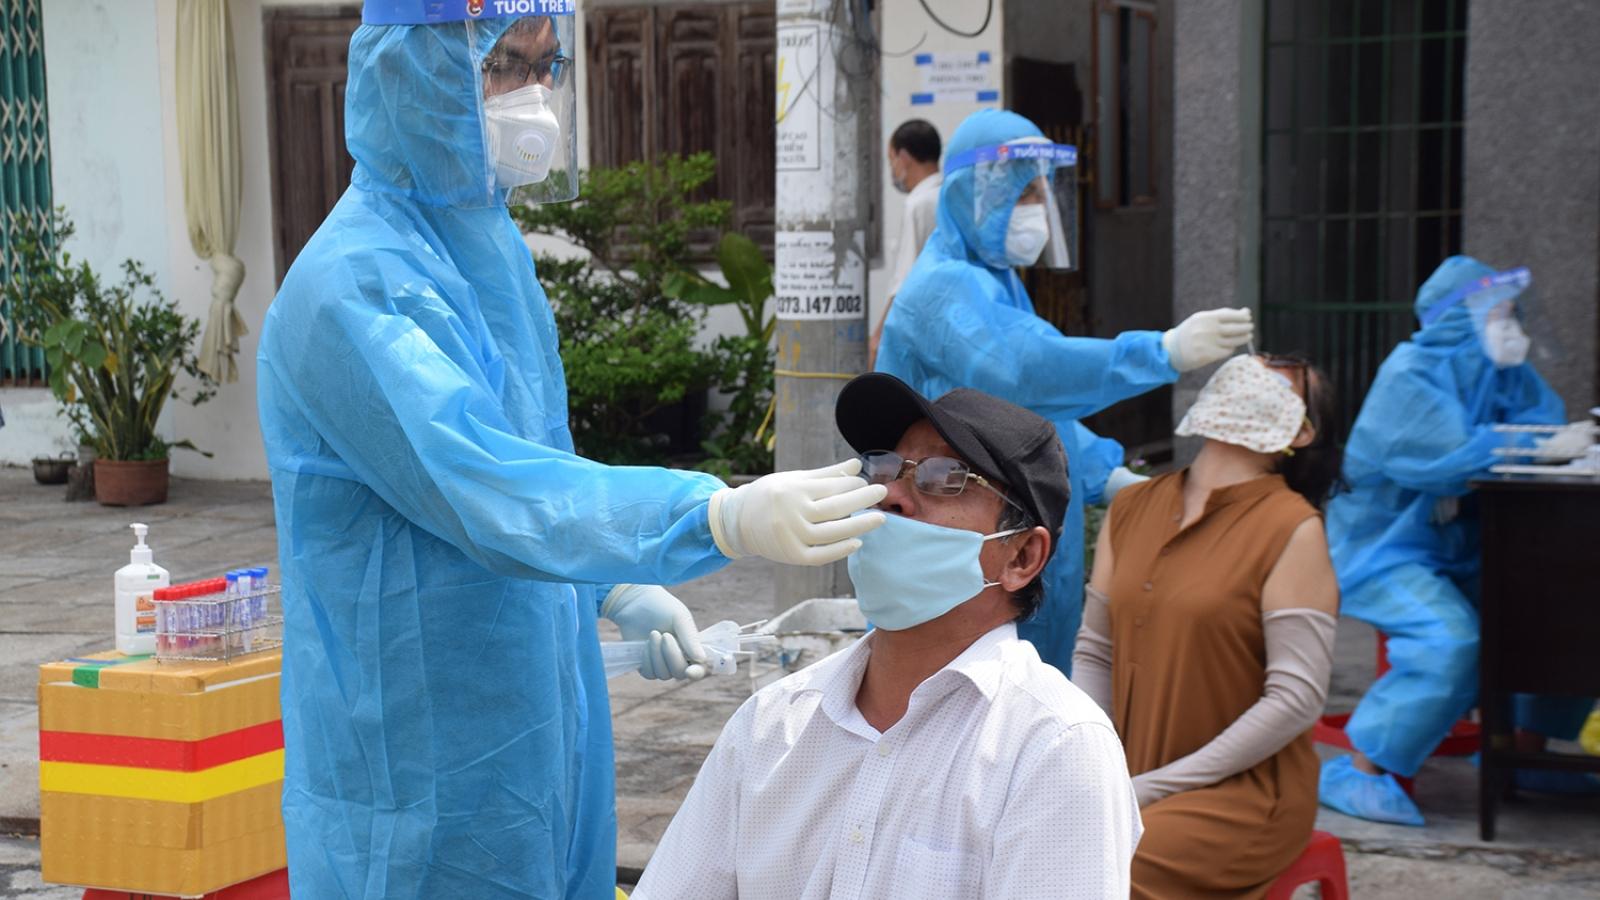 Vượt mốc 1.000 ca mắc Covid-19, TP Tuy Hòa tăng tốc xét nghiệm sàng lọc cộng đồng